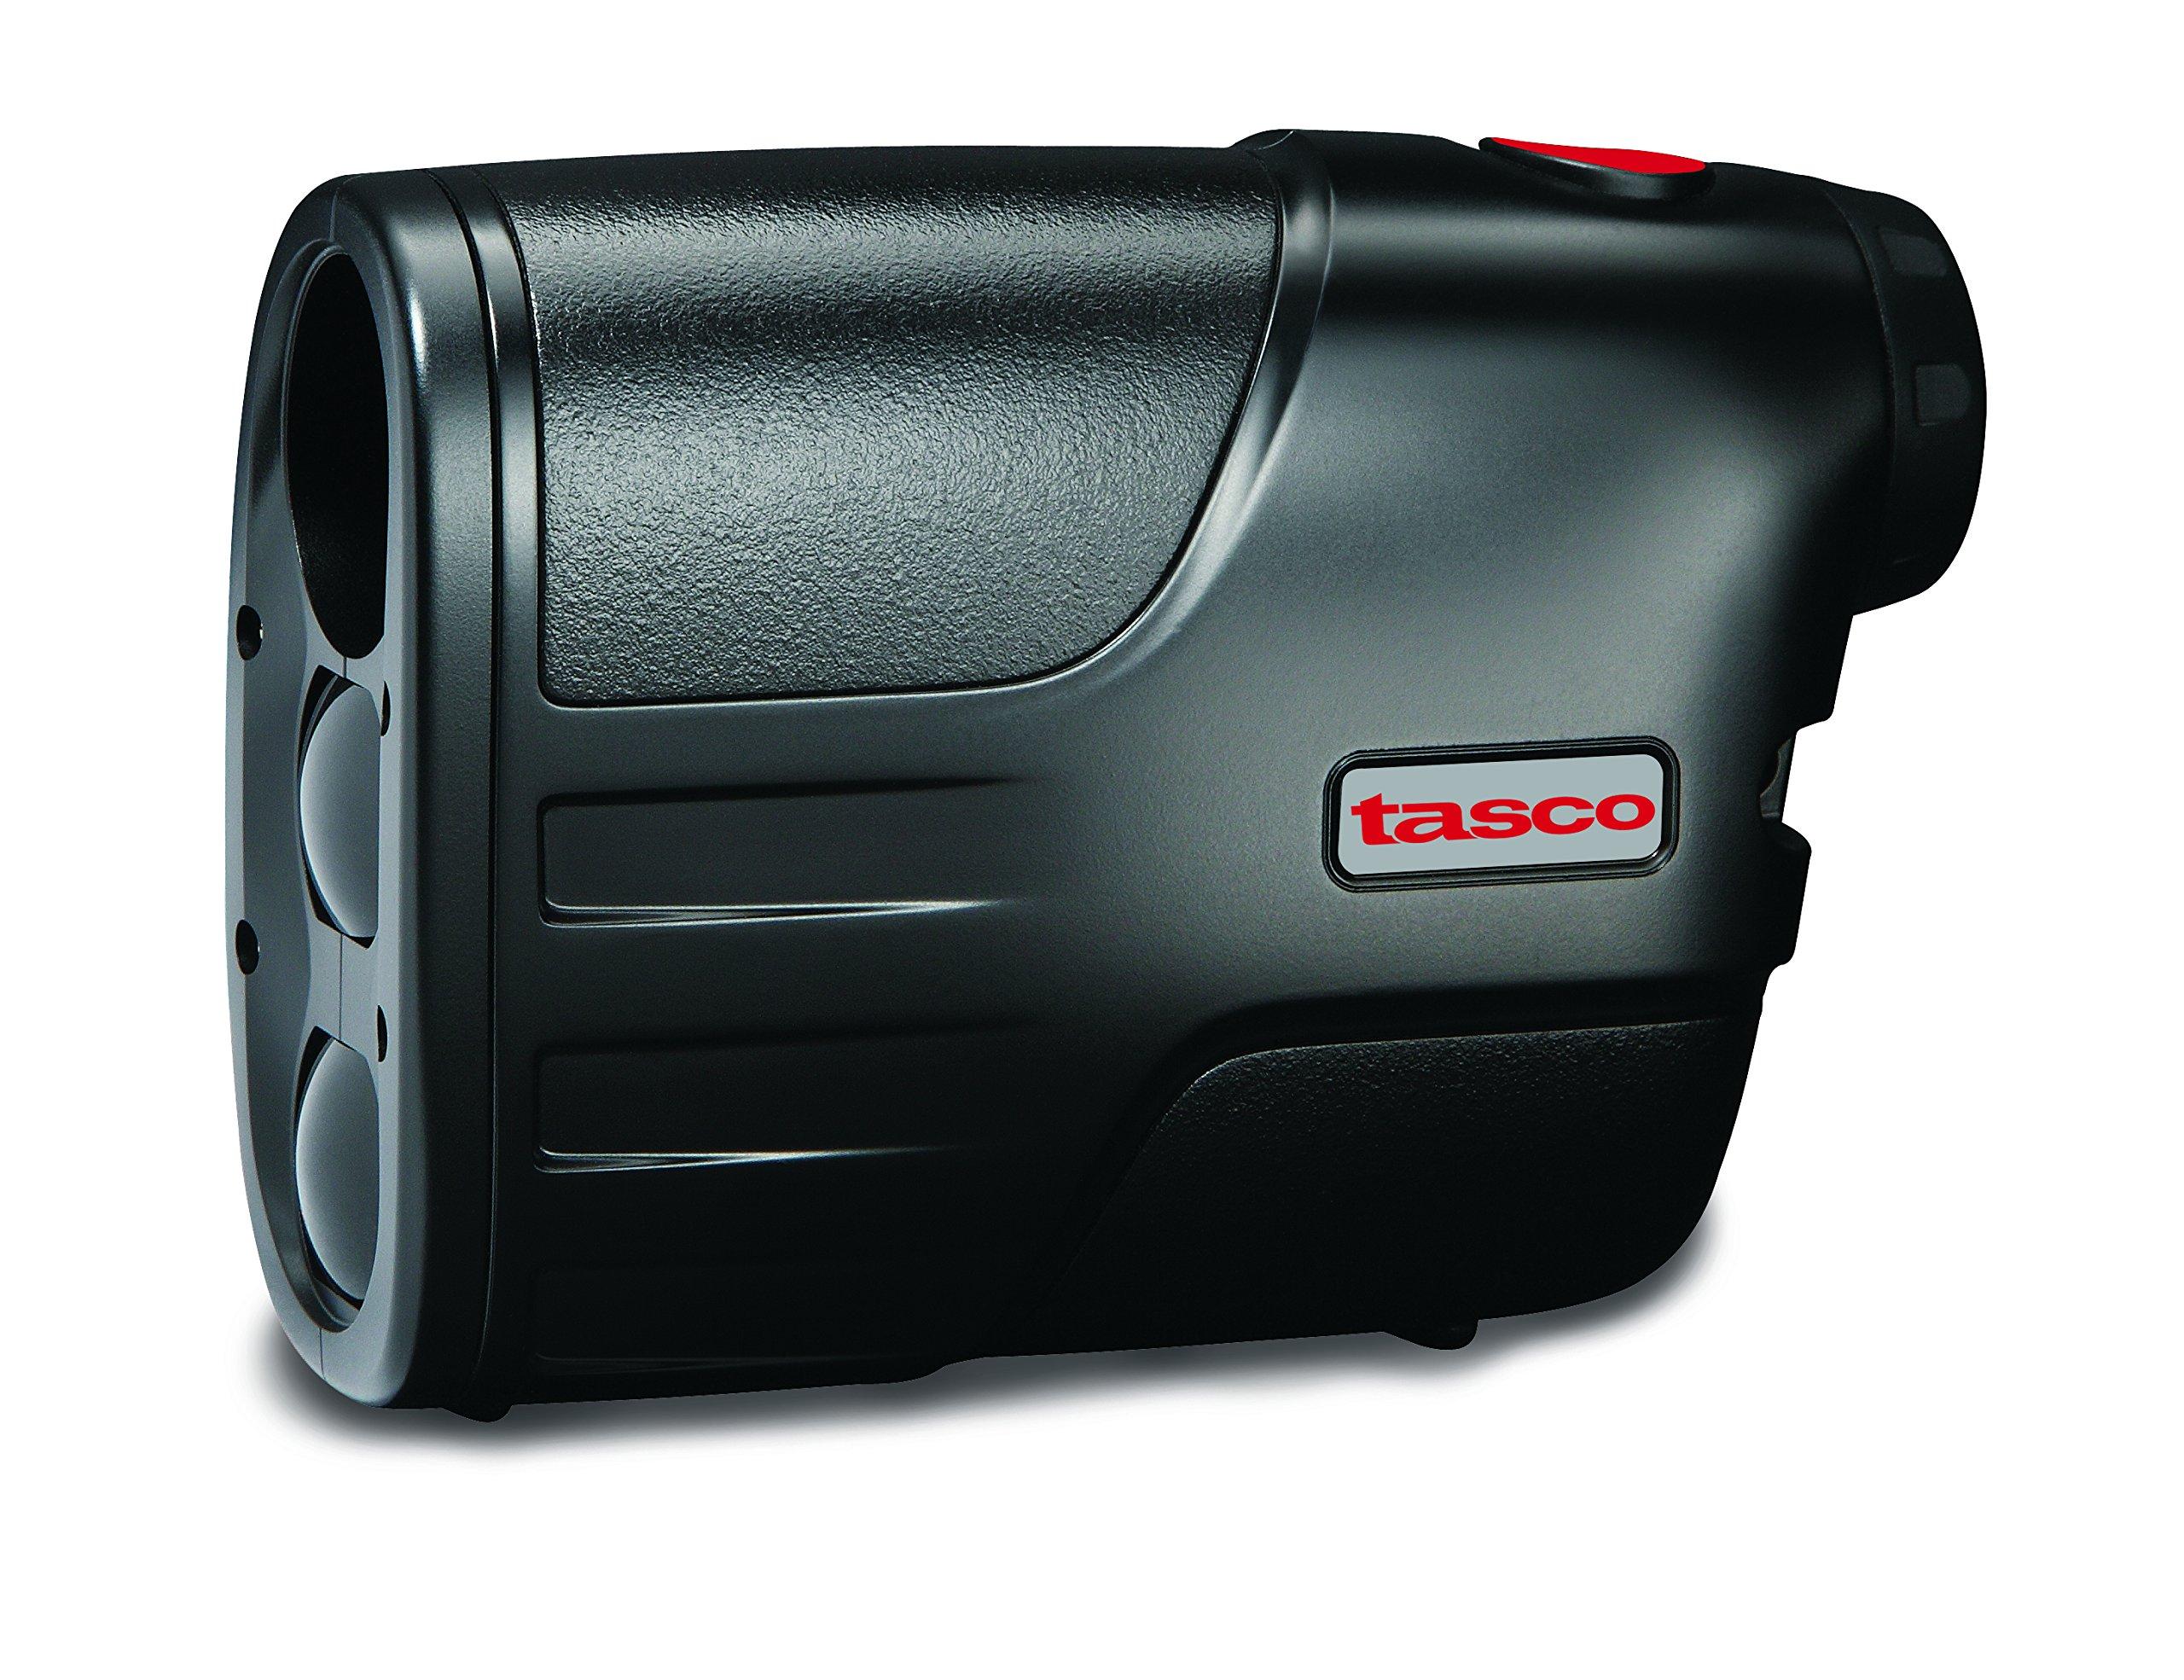 TASCO LRF 600 Golf Laser Rangefinder Black